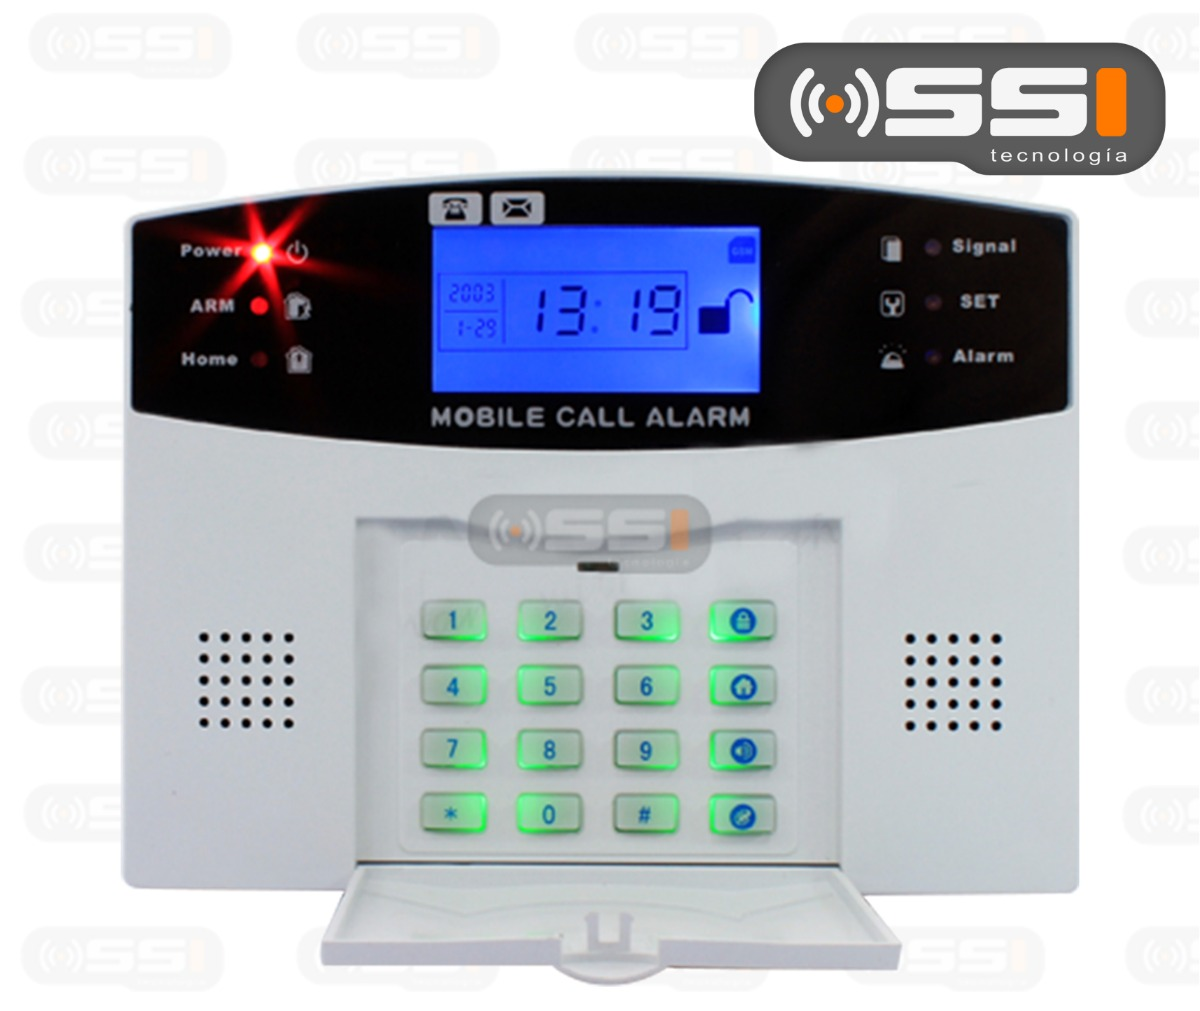 Alarma gsm inalambrica inteligente para casa negocio hm4 1 en mercado libre - Alarmas para casa precios ...